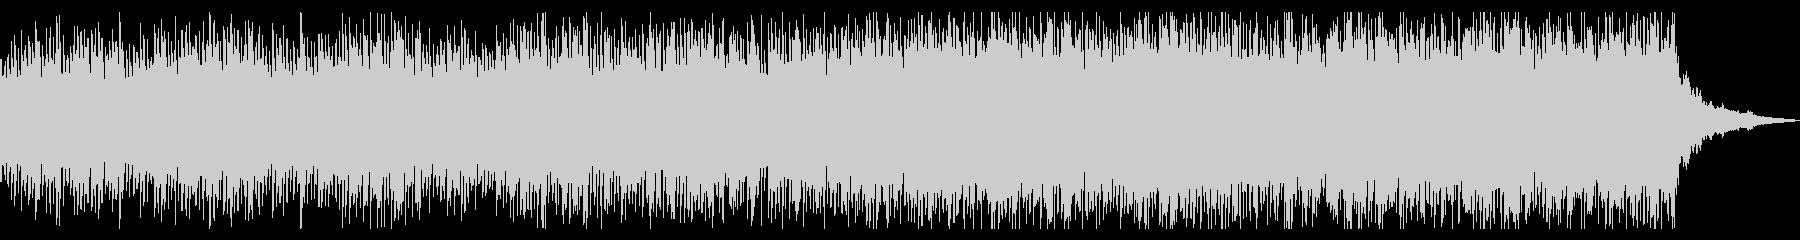 チェロとピアノのアンビエントの未再生の波形